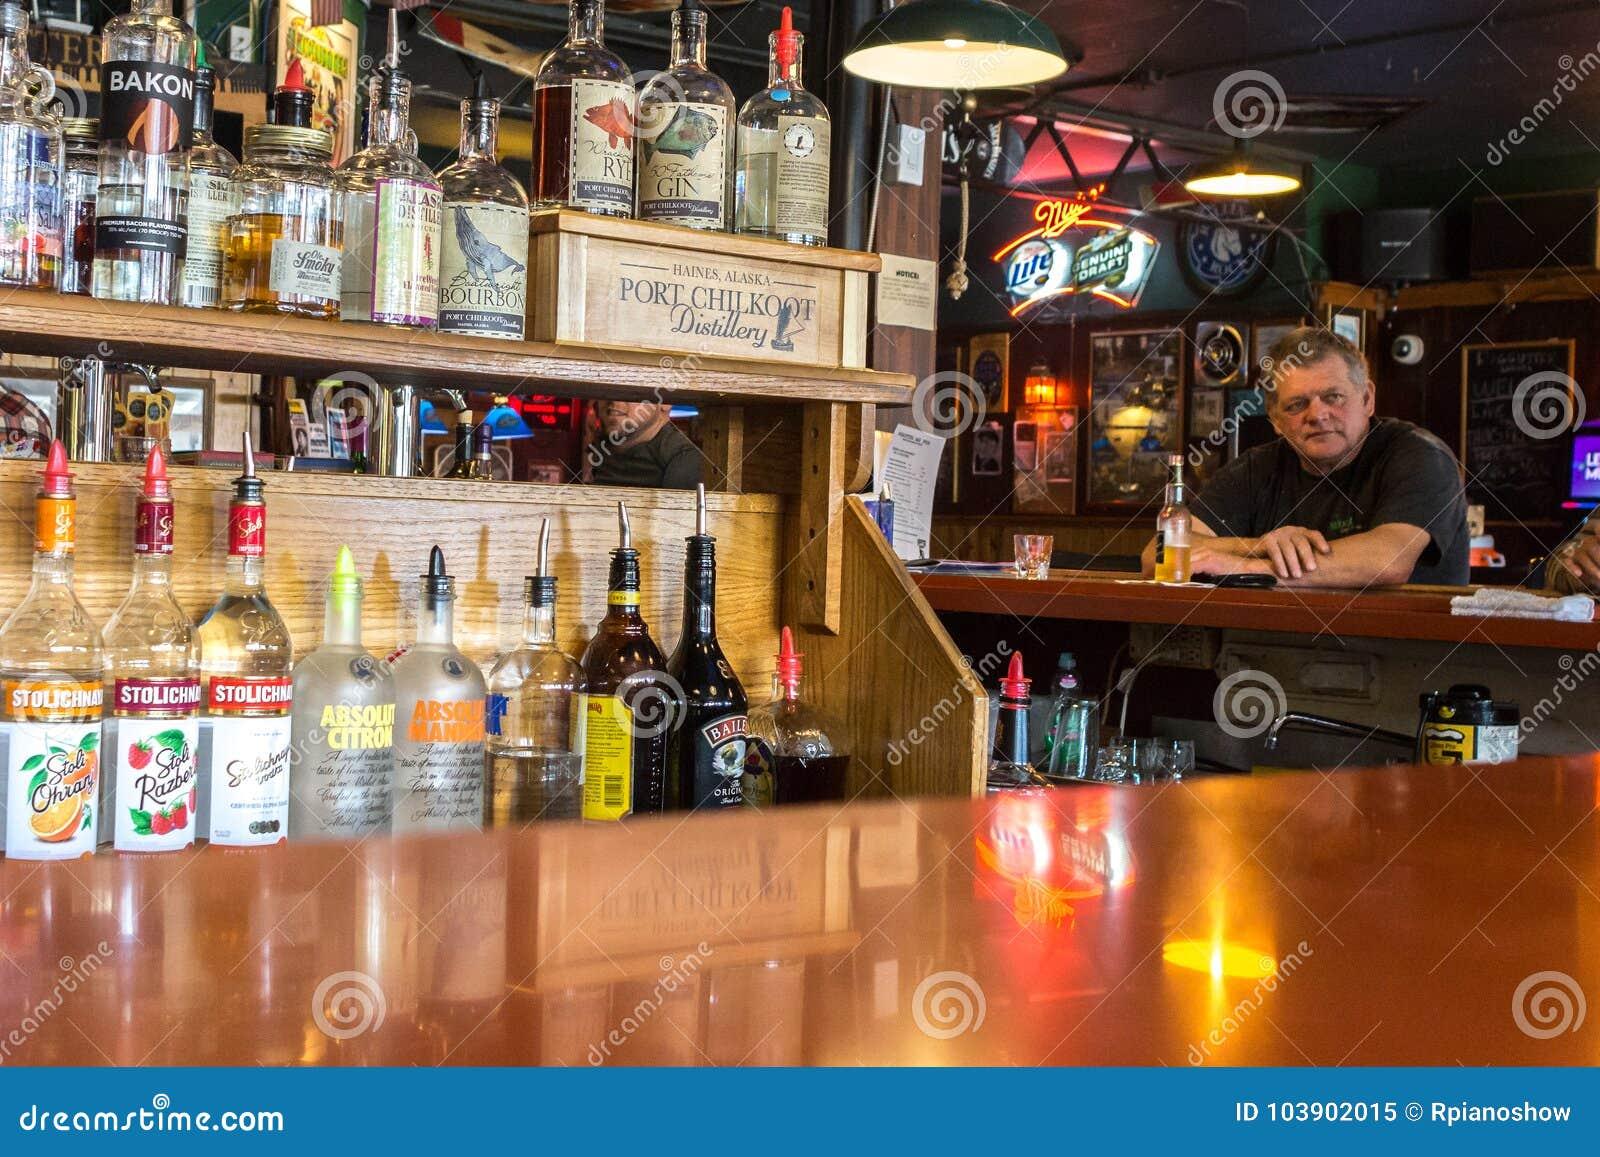 Alaskan man having a beer in Haines.